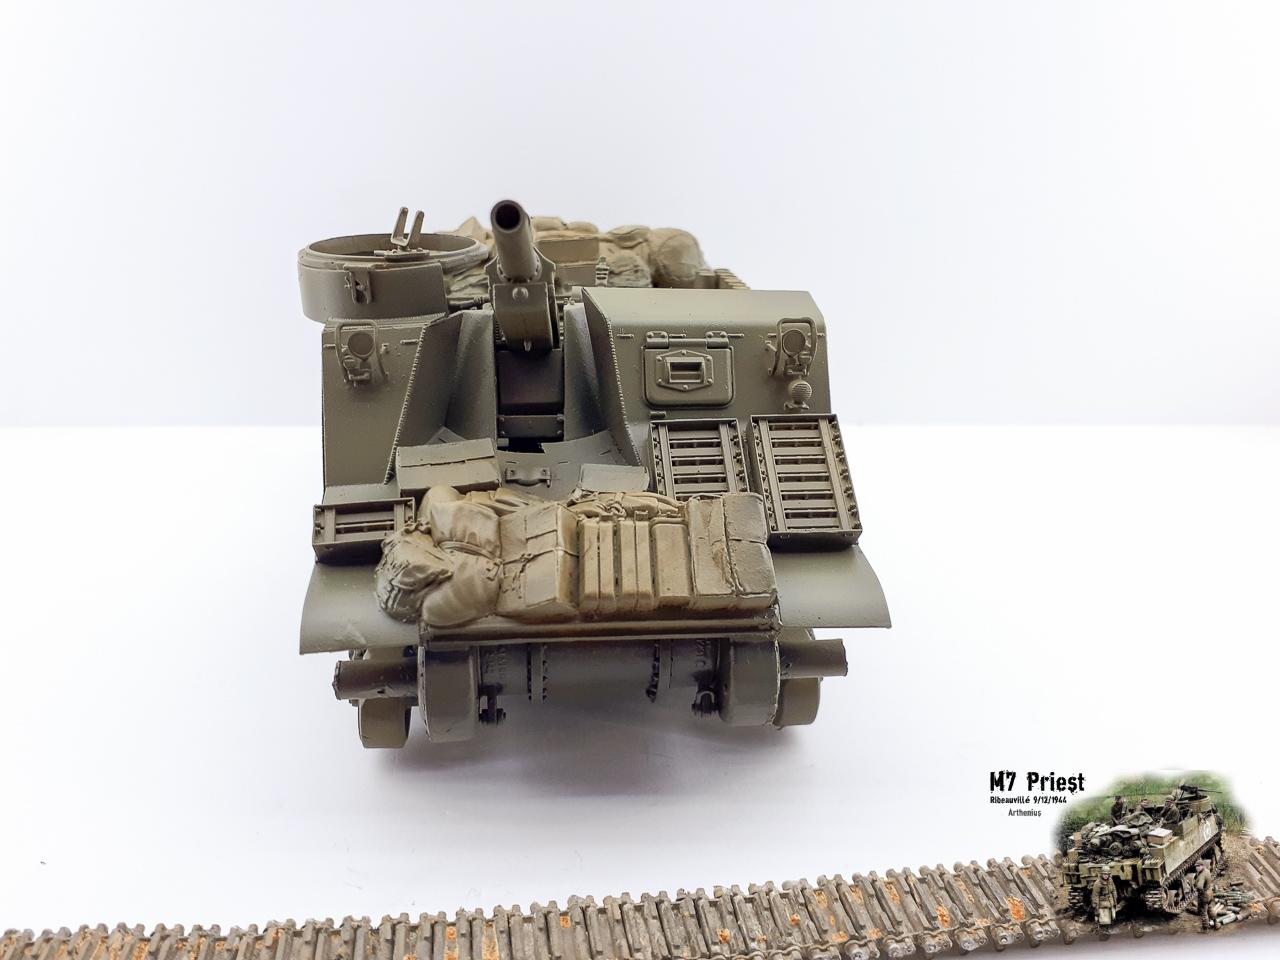 M7 Priest Ribeauvillé 9/12/1944 2018-075